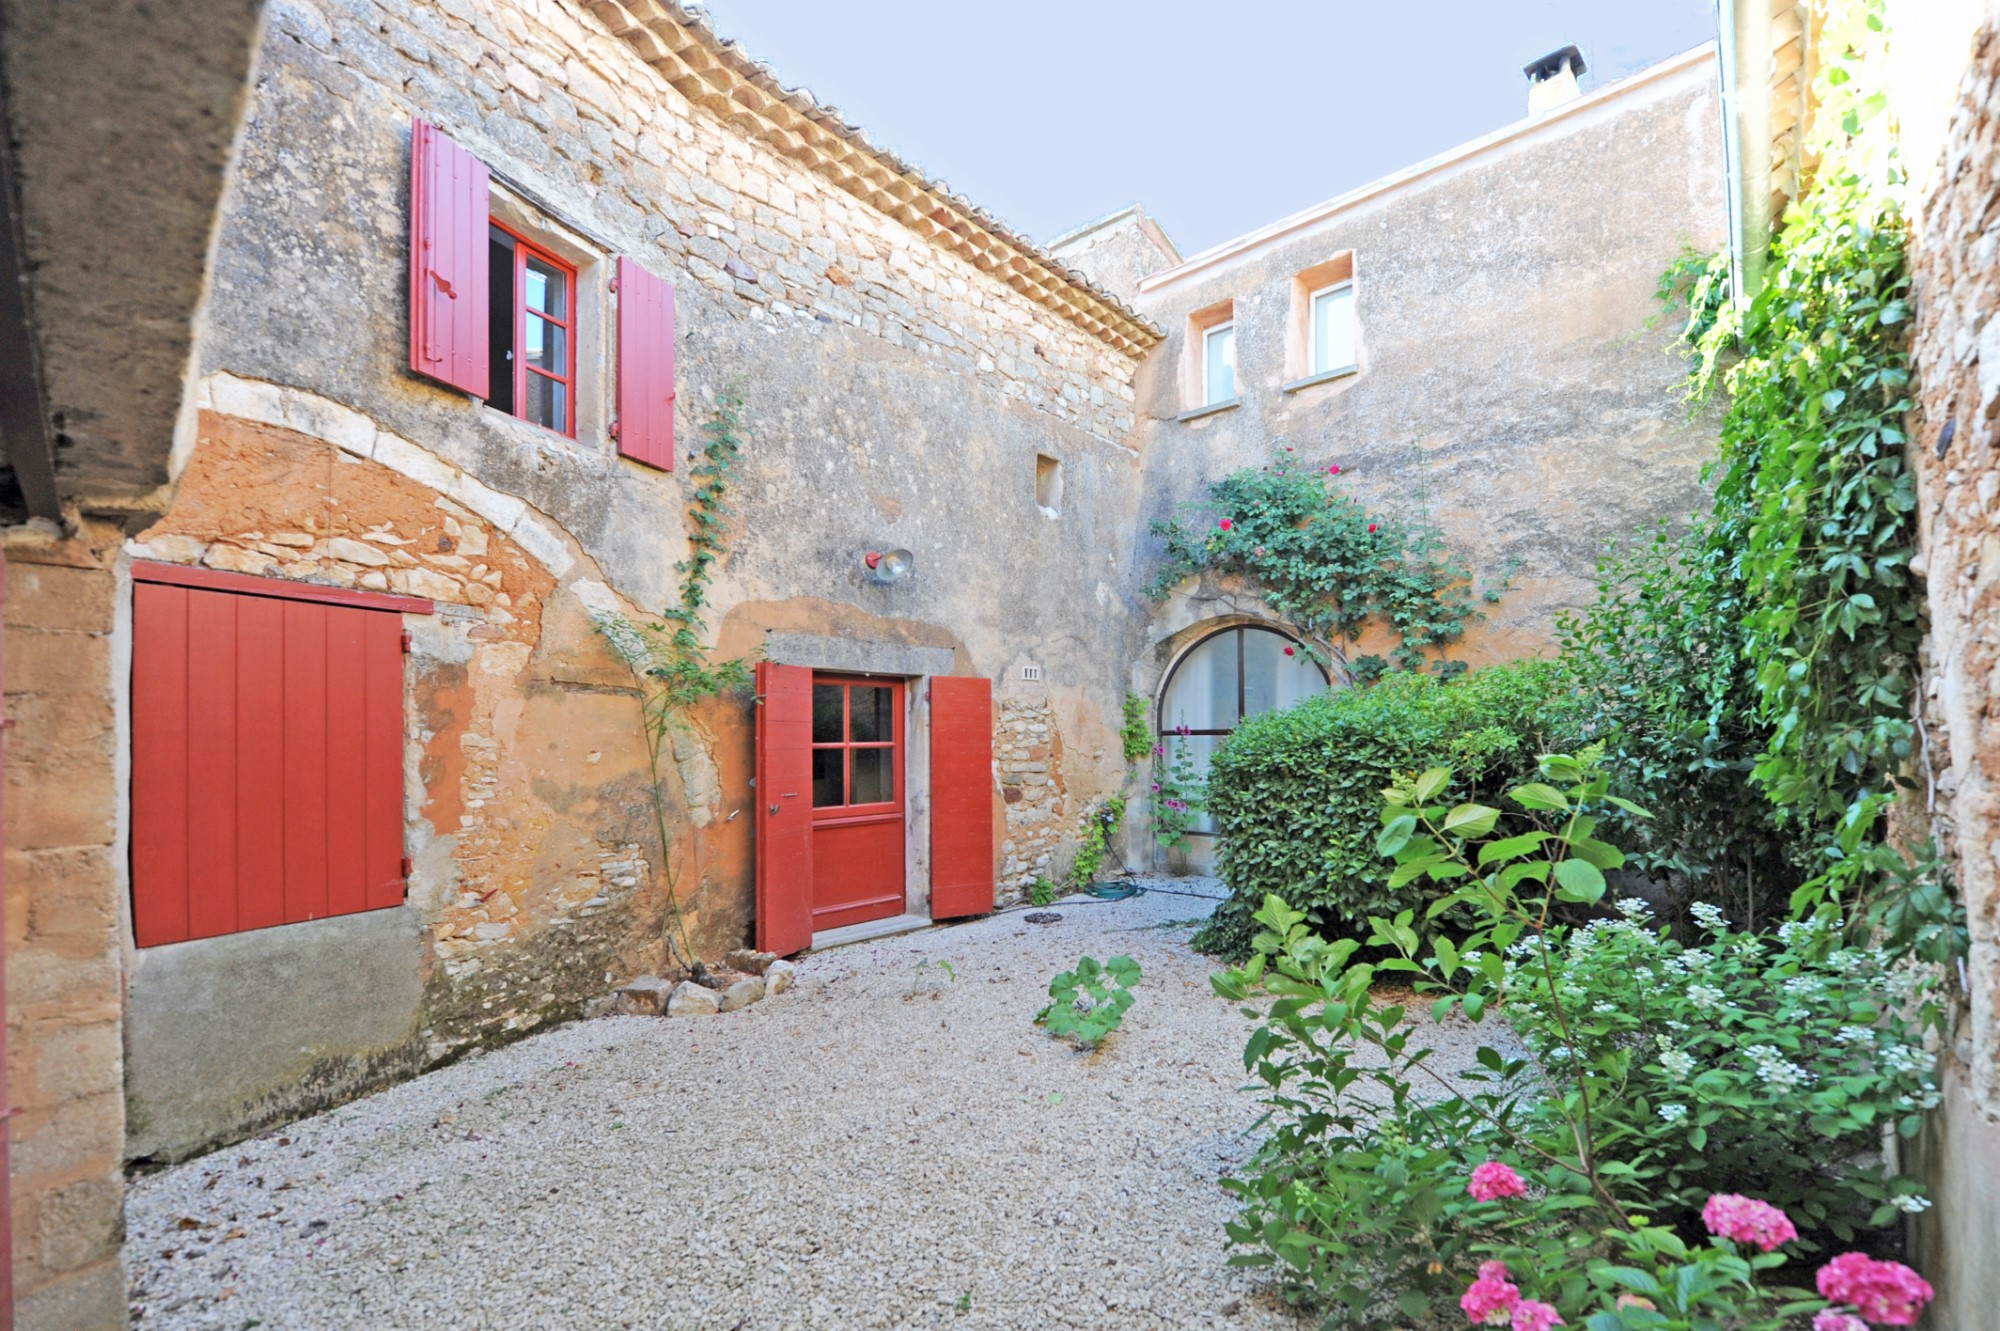 Maison avec cour en Provence